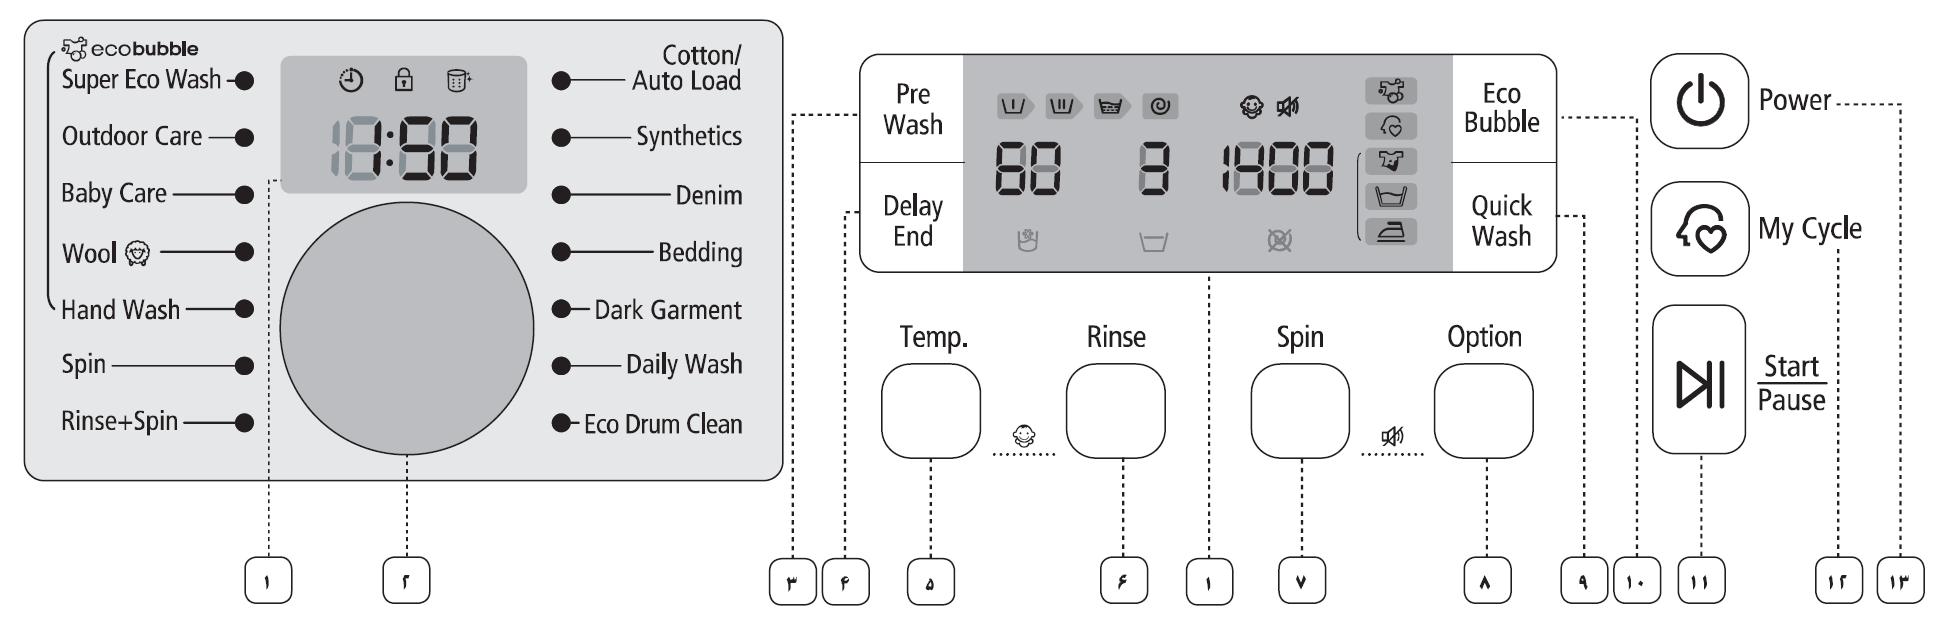 دکمه های روی ماشین لباسشویی سامسونگ نمونه دوم